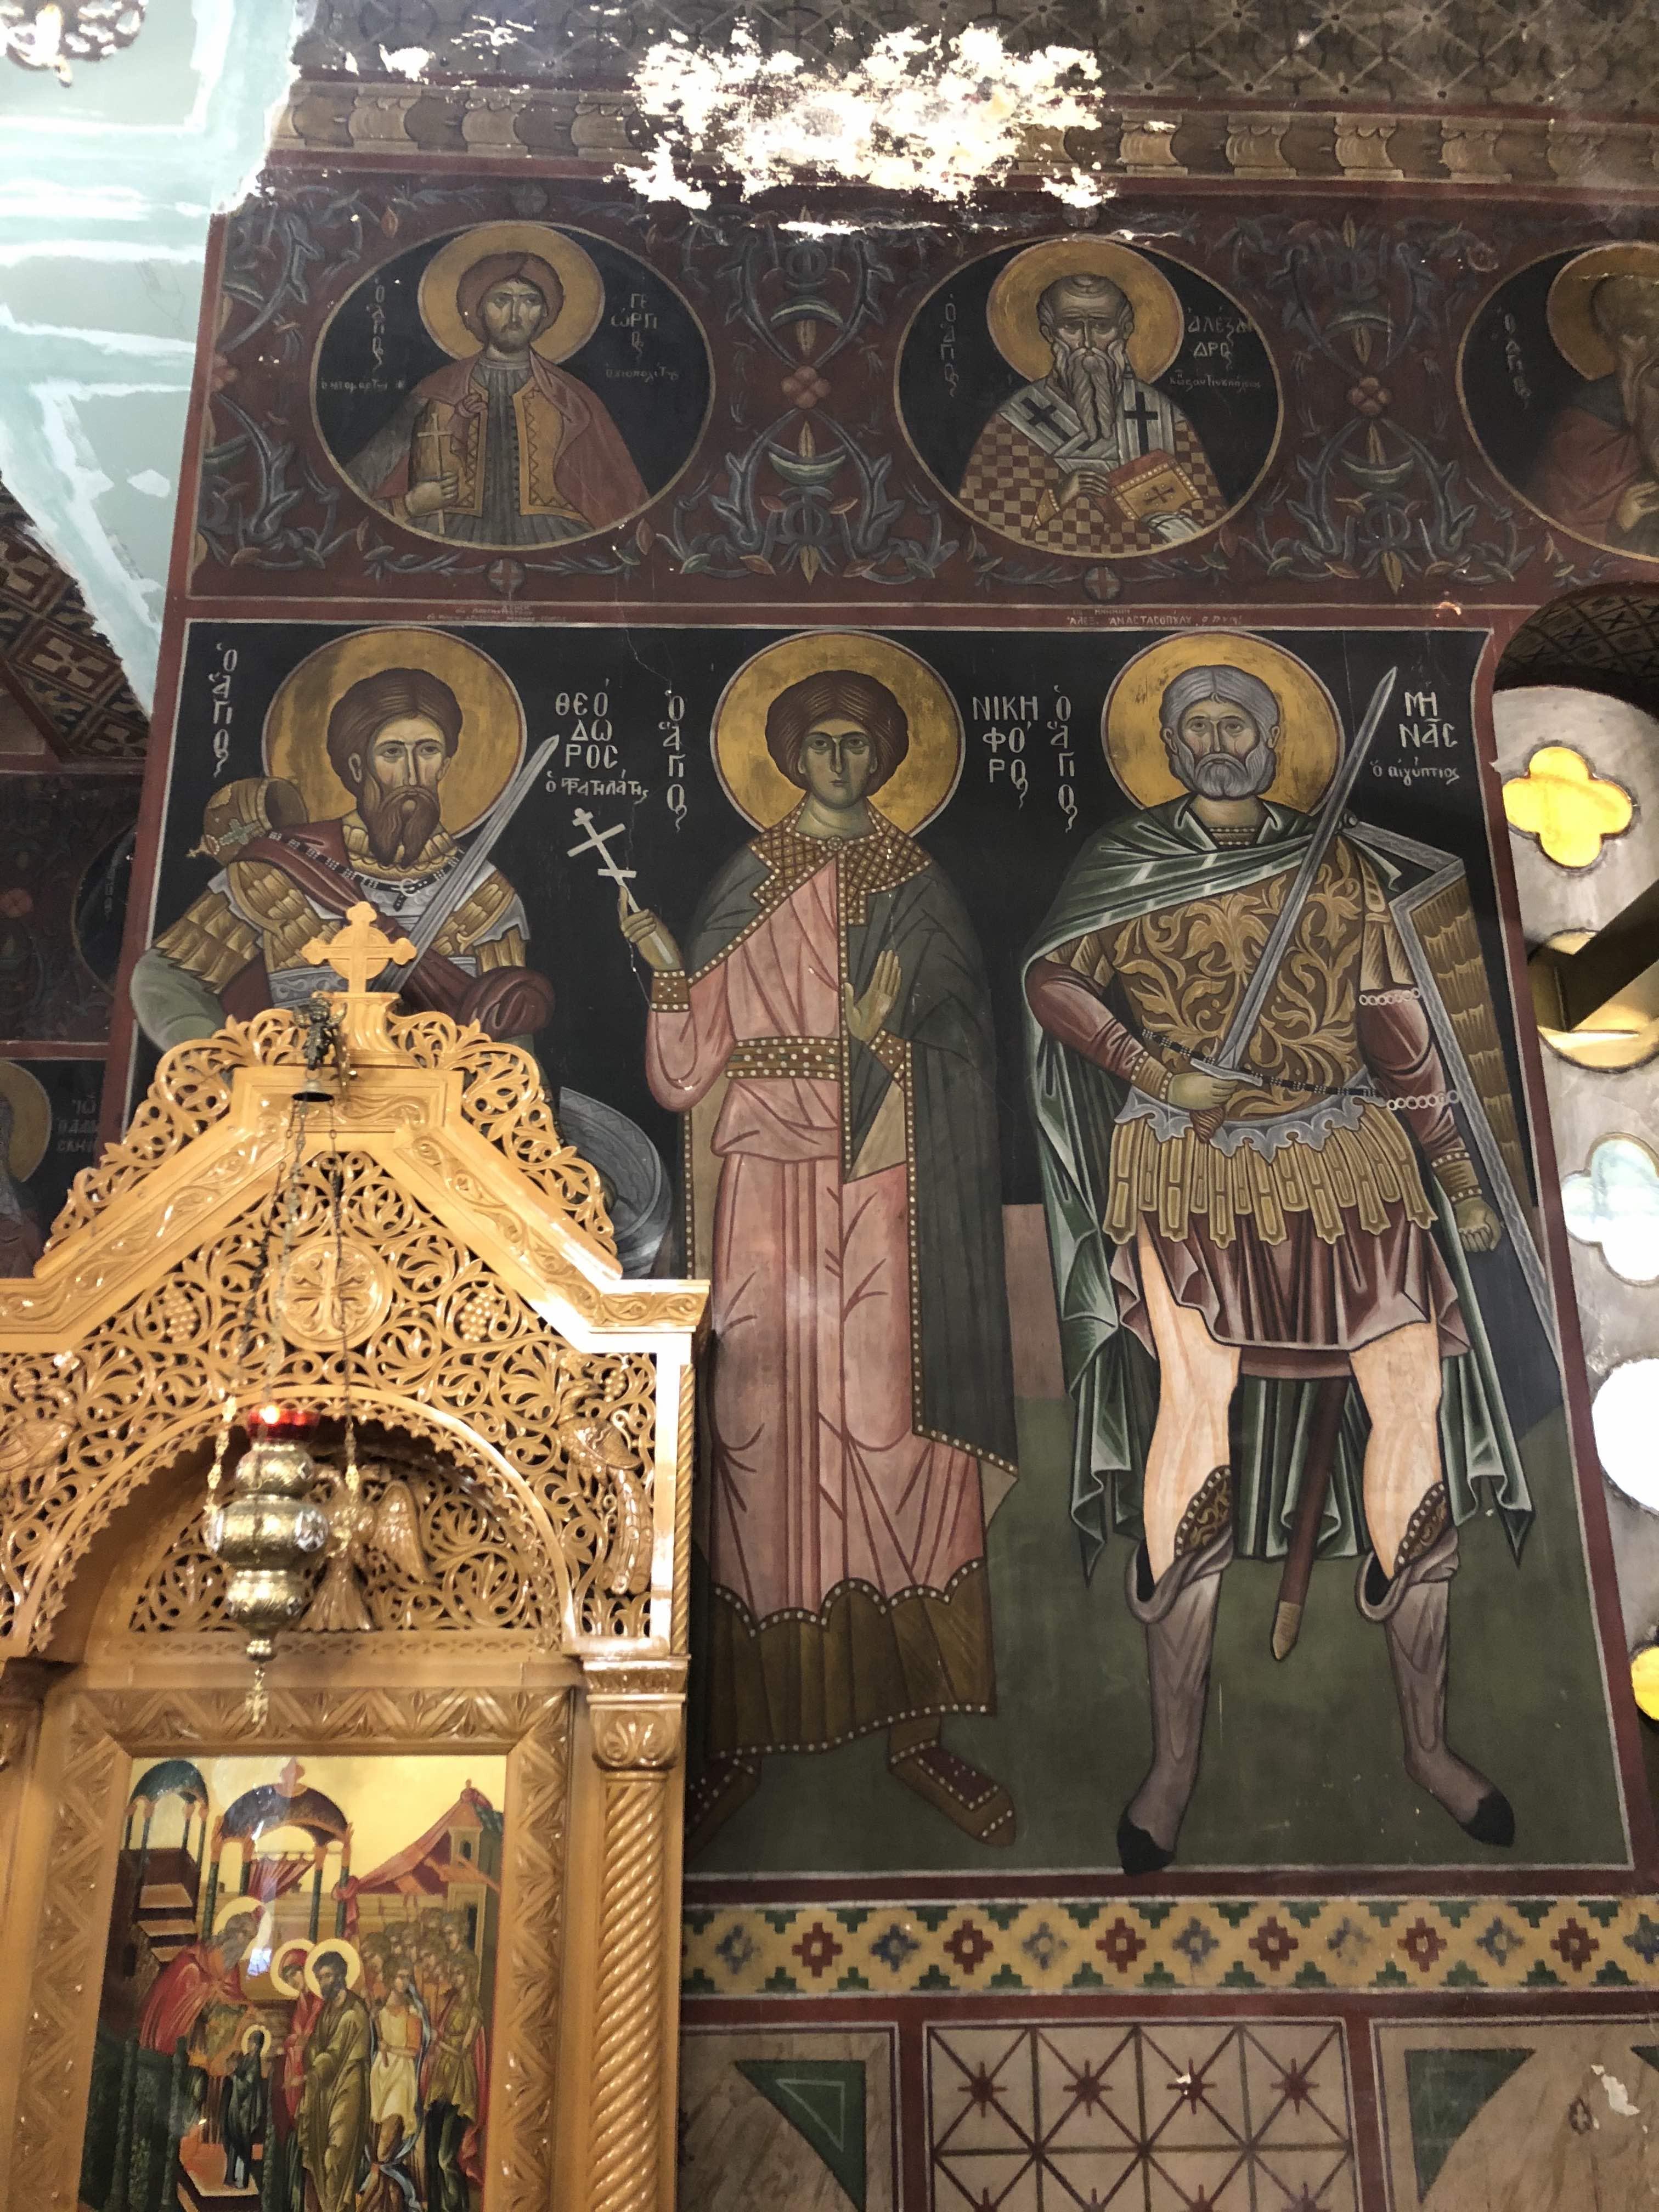 Αποκαθίσταται ο ναός του Αγ. Χαραλάμπους Πεδίου του Αρεως που έχει αγιογραφηθεί από τον Φώτη Κόντογλου | Enetpress